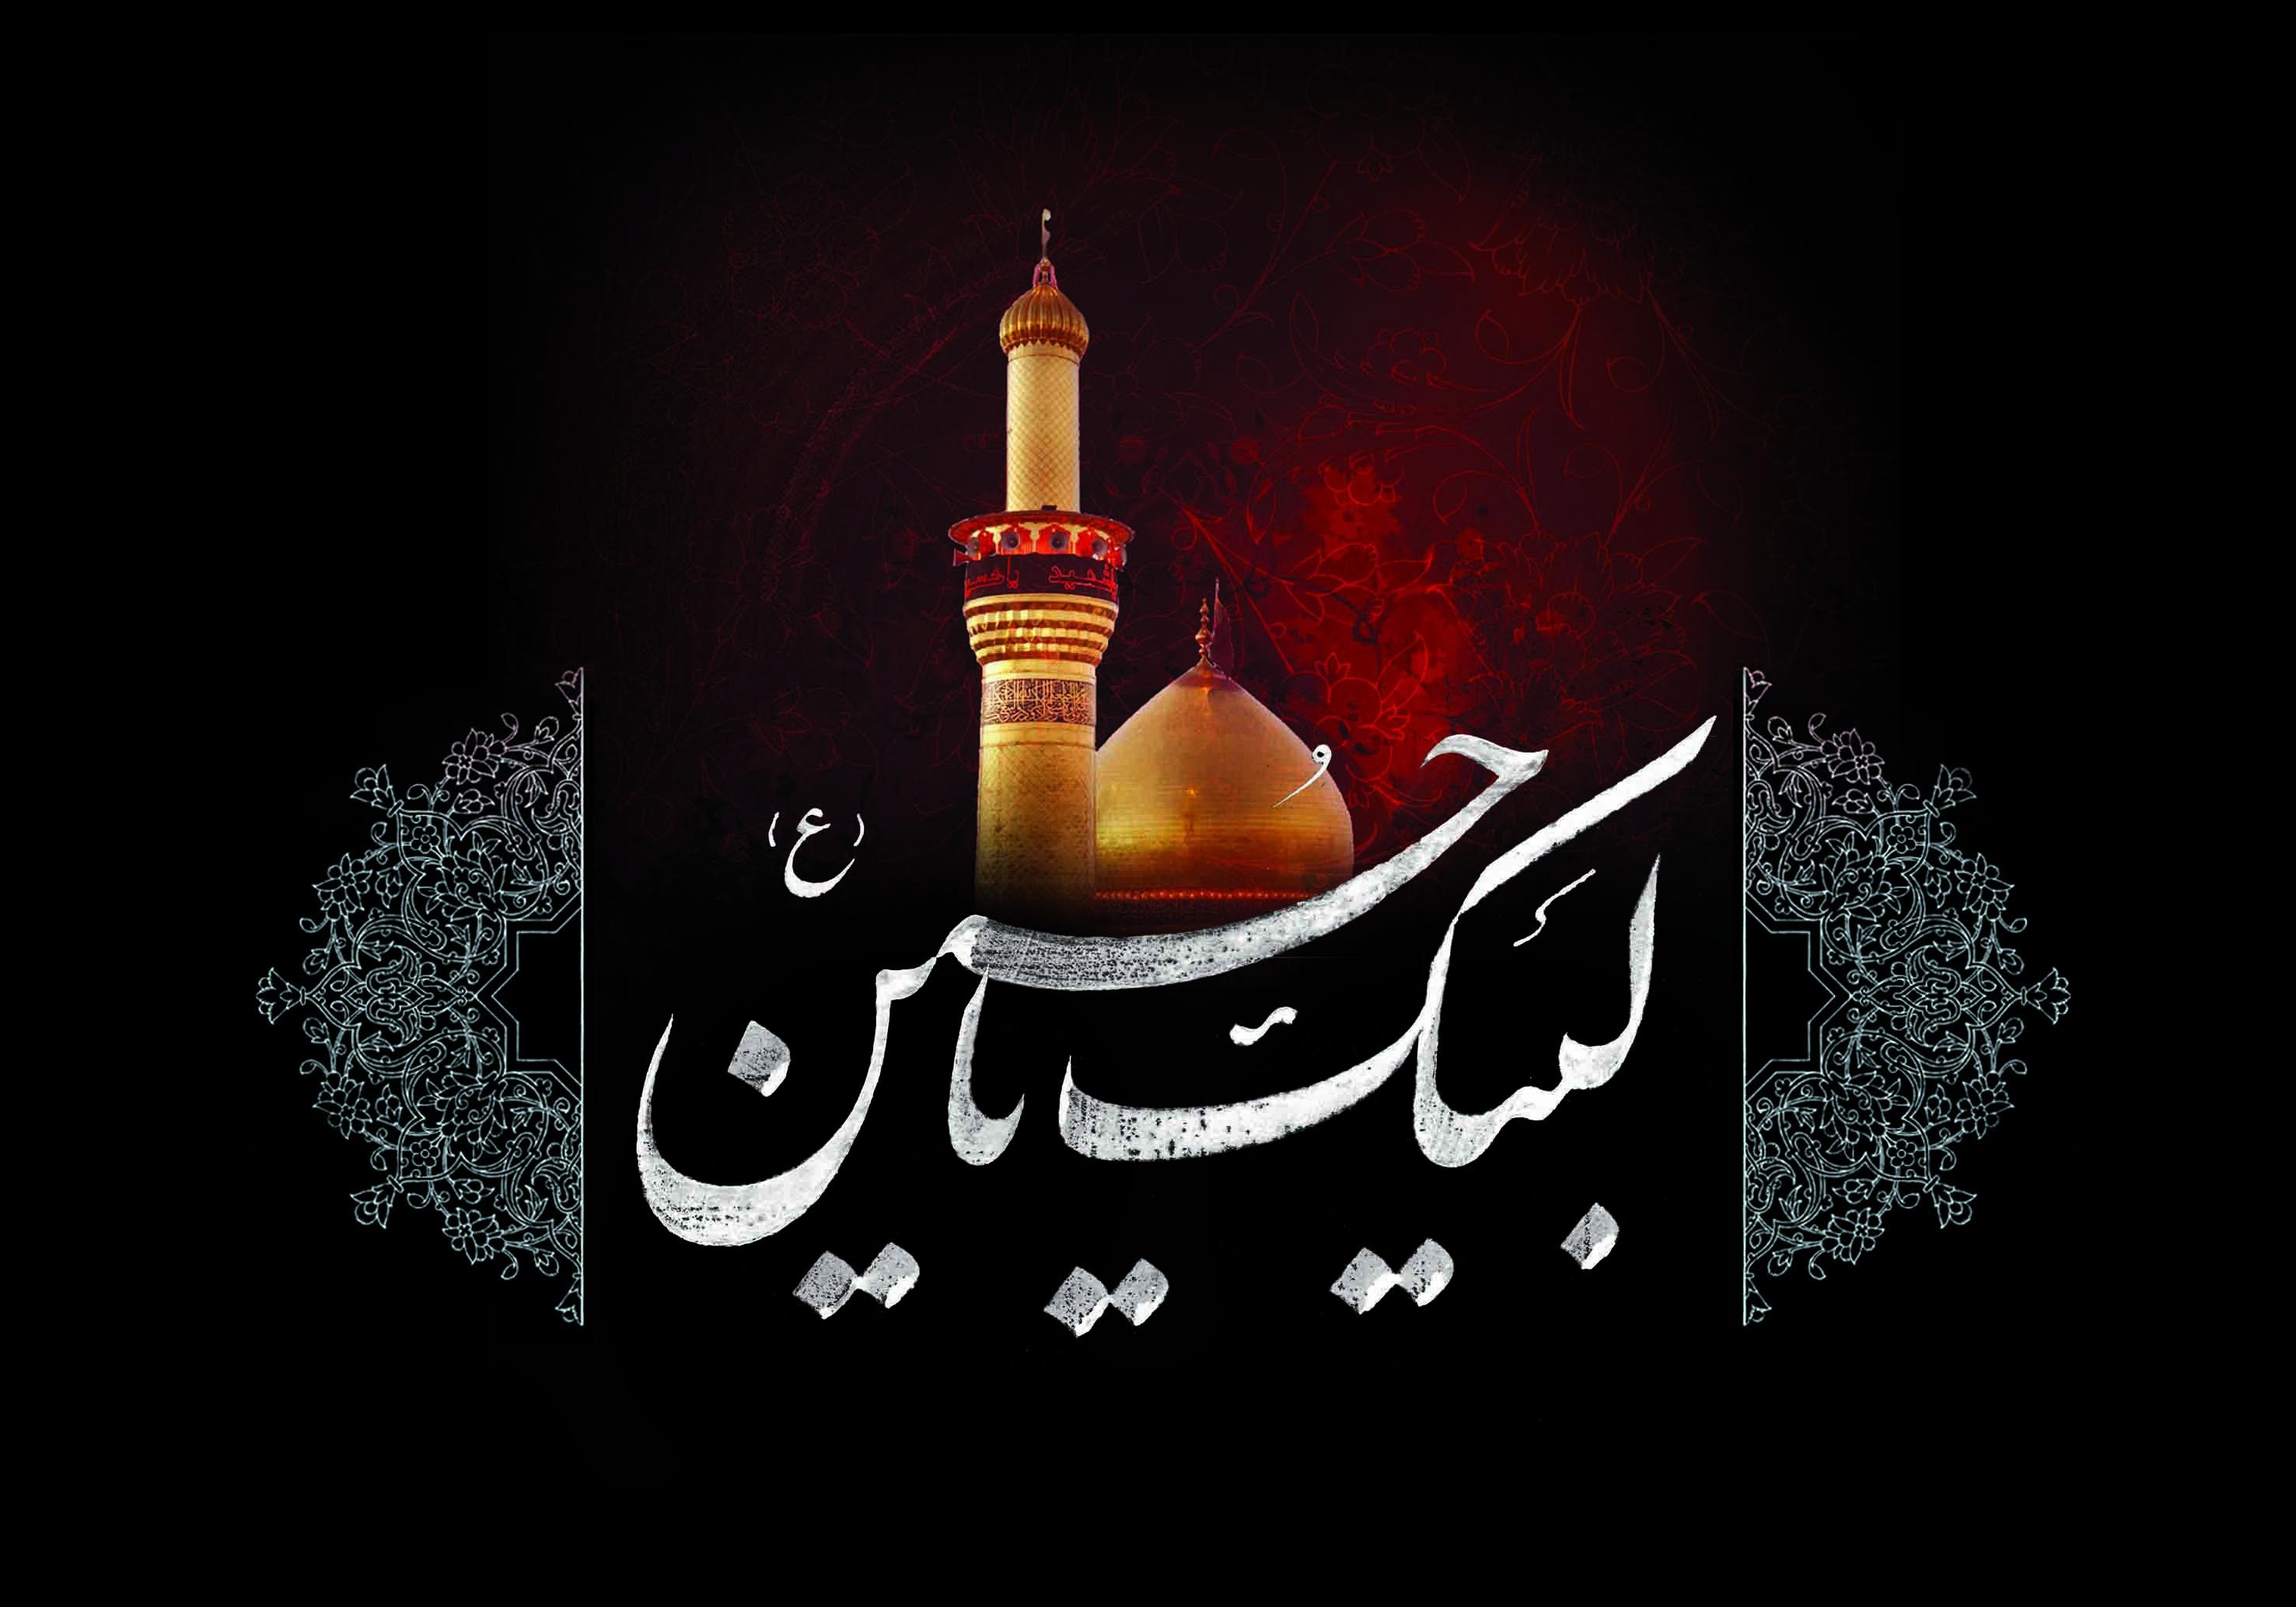 مداحی دهه اول محرم 98 / میثم مطیعی